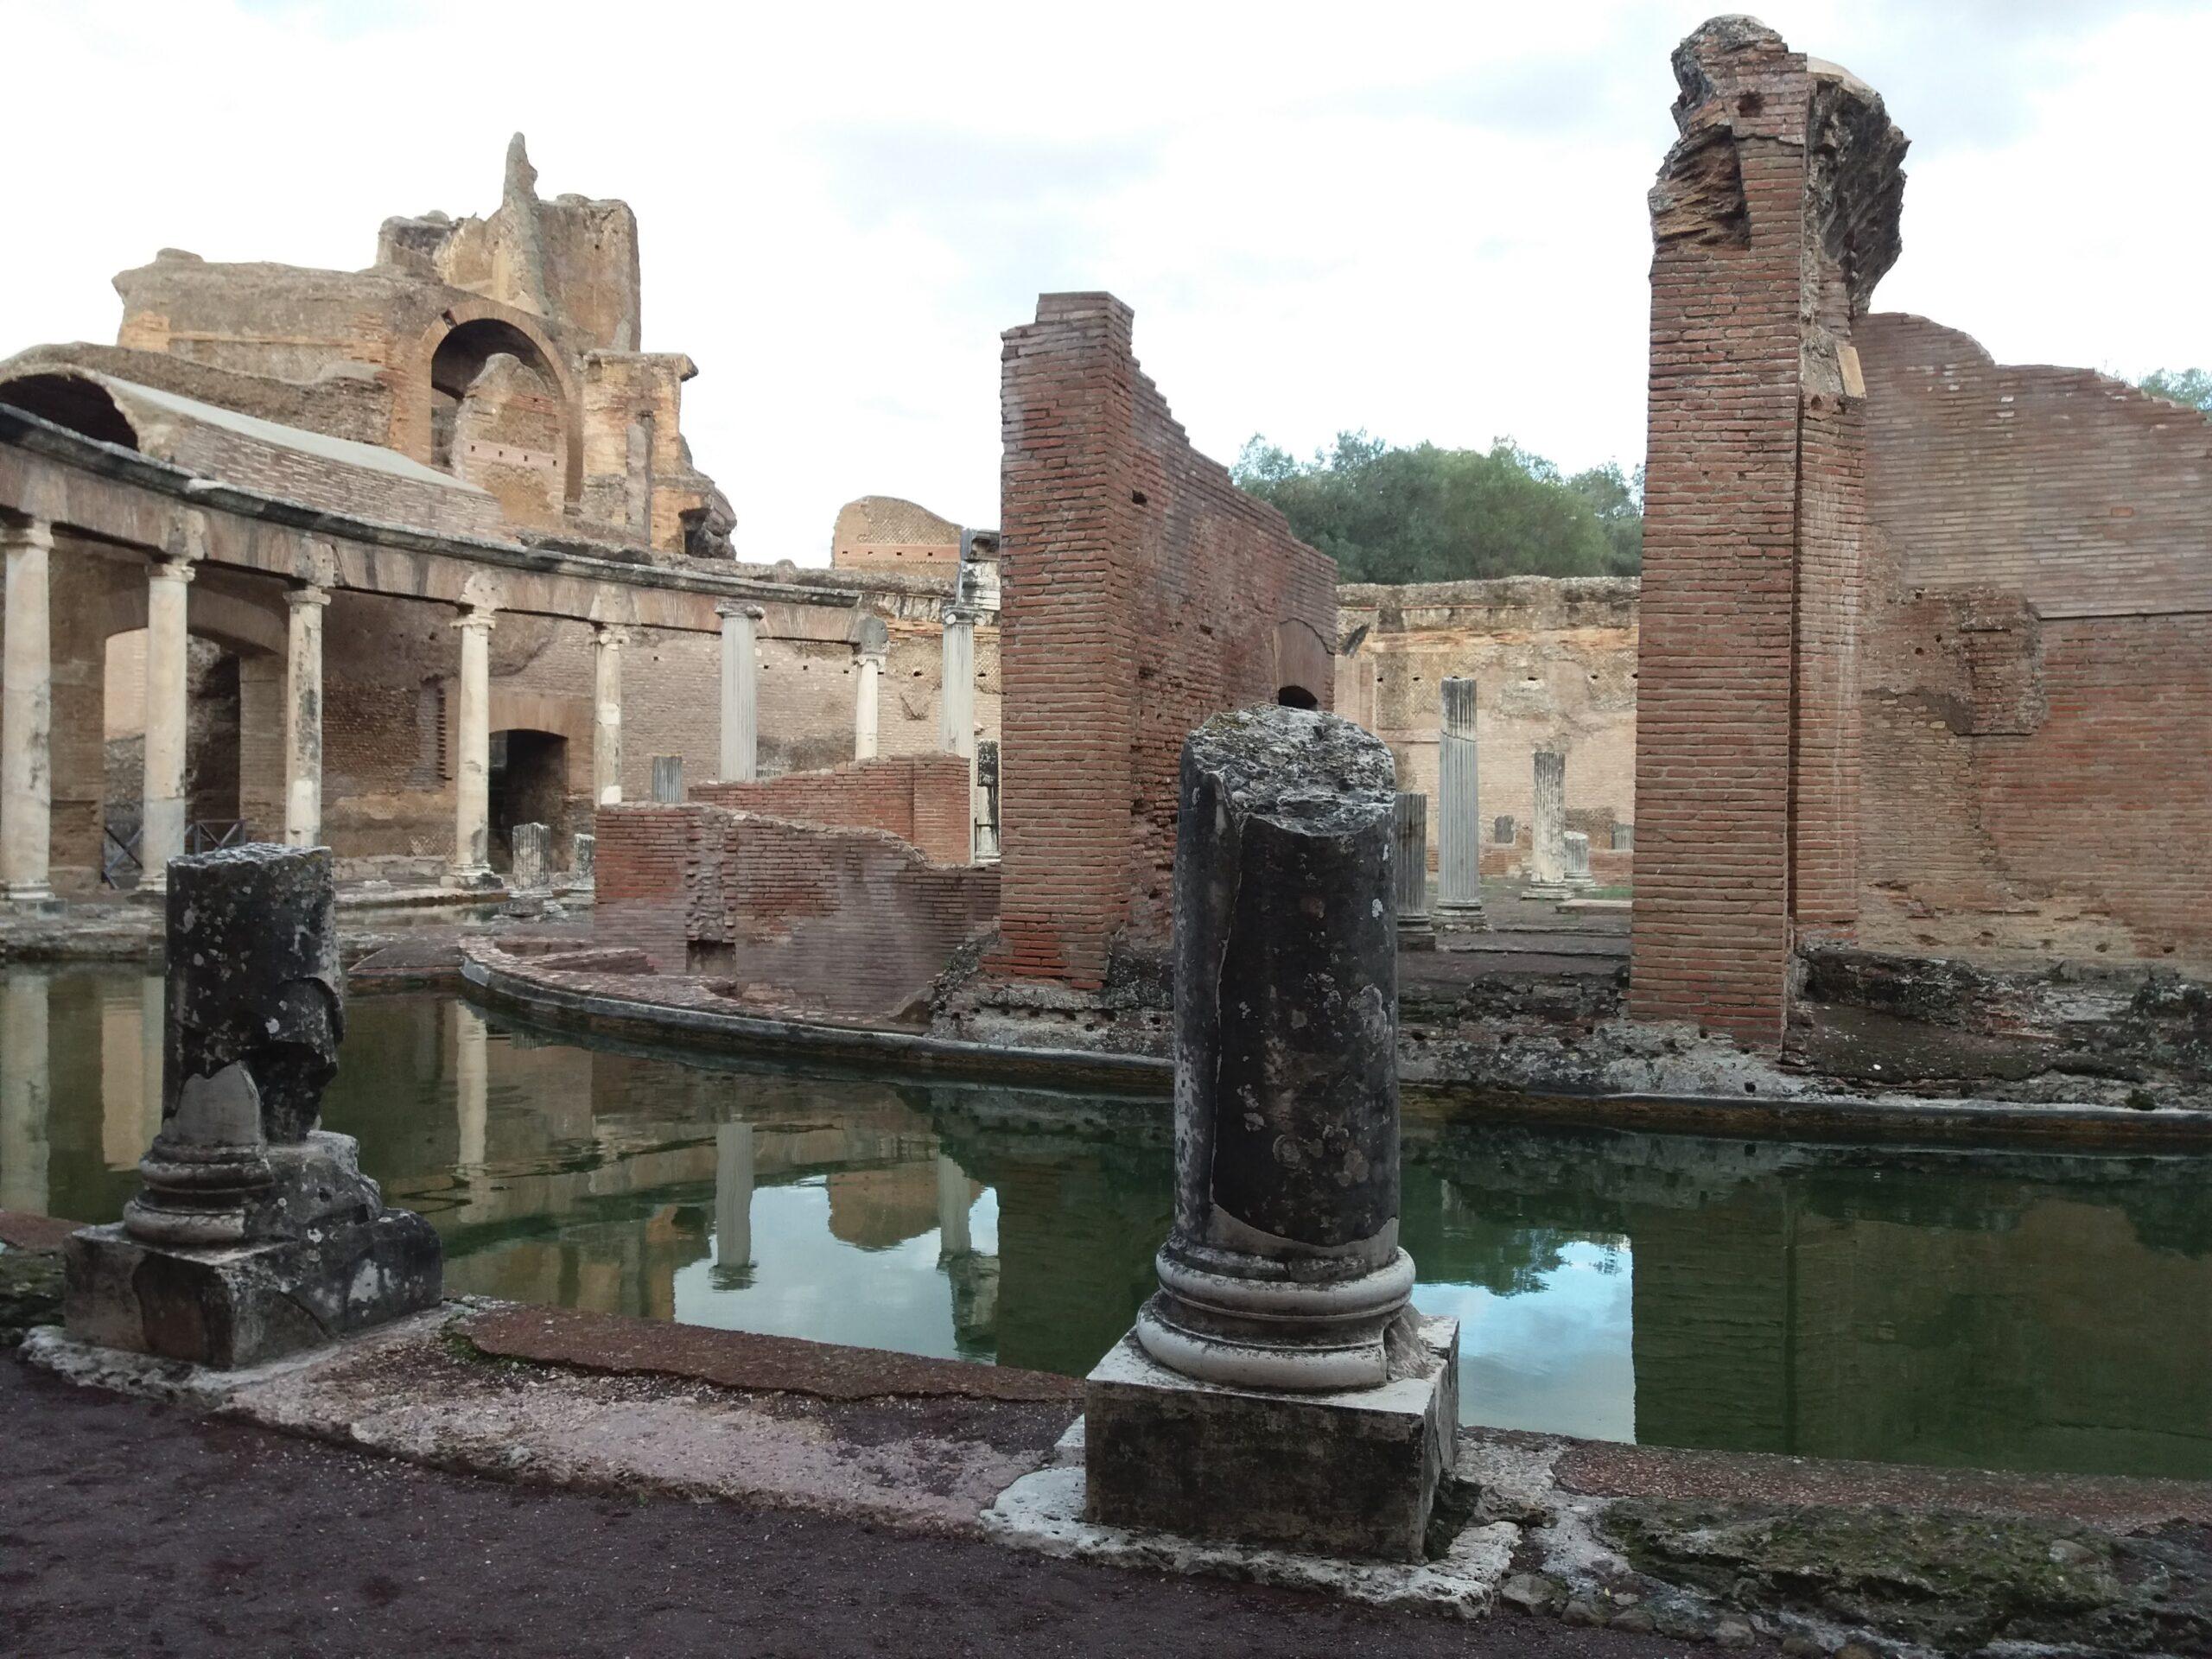 L'archeologia imperiale di Villa Adriana